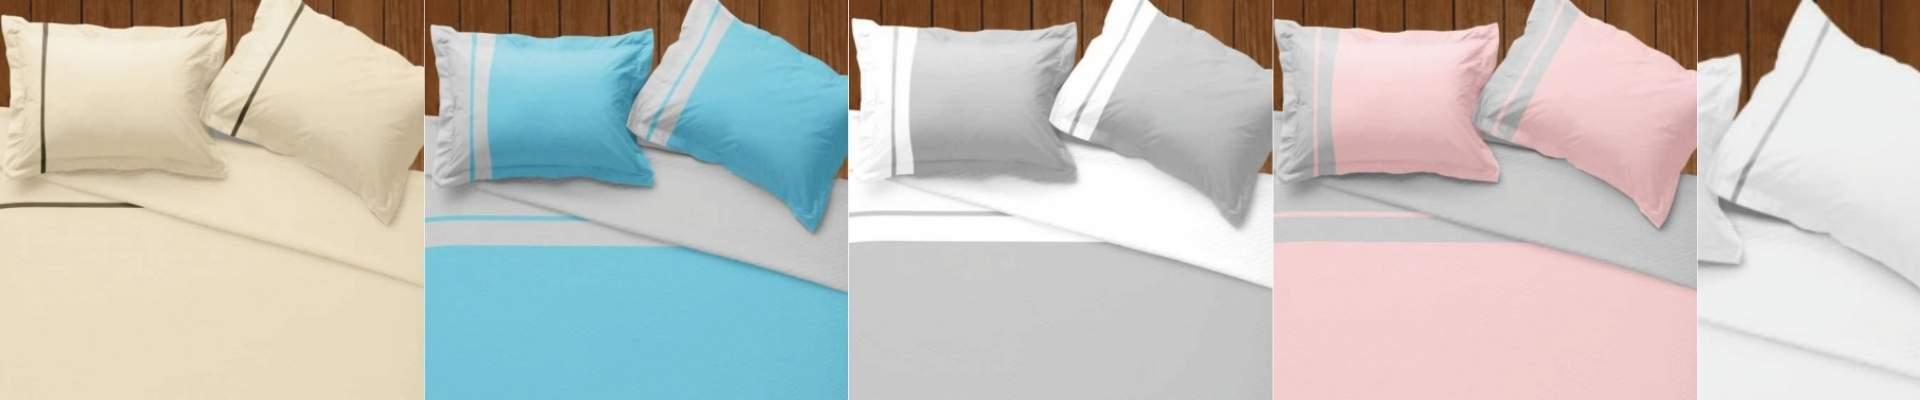 מצעים למיטה זוגית מצעים למיטה וחצי